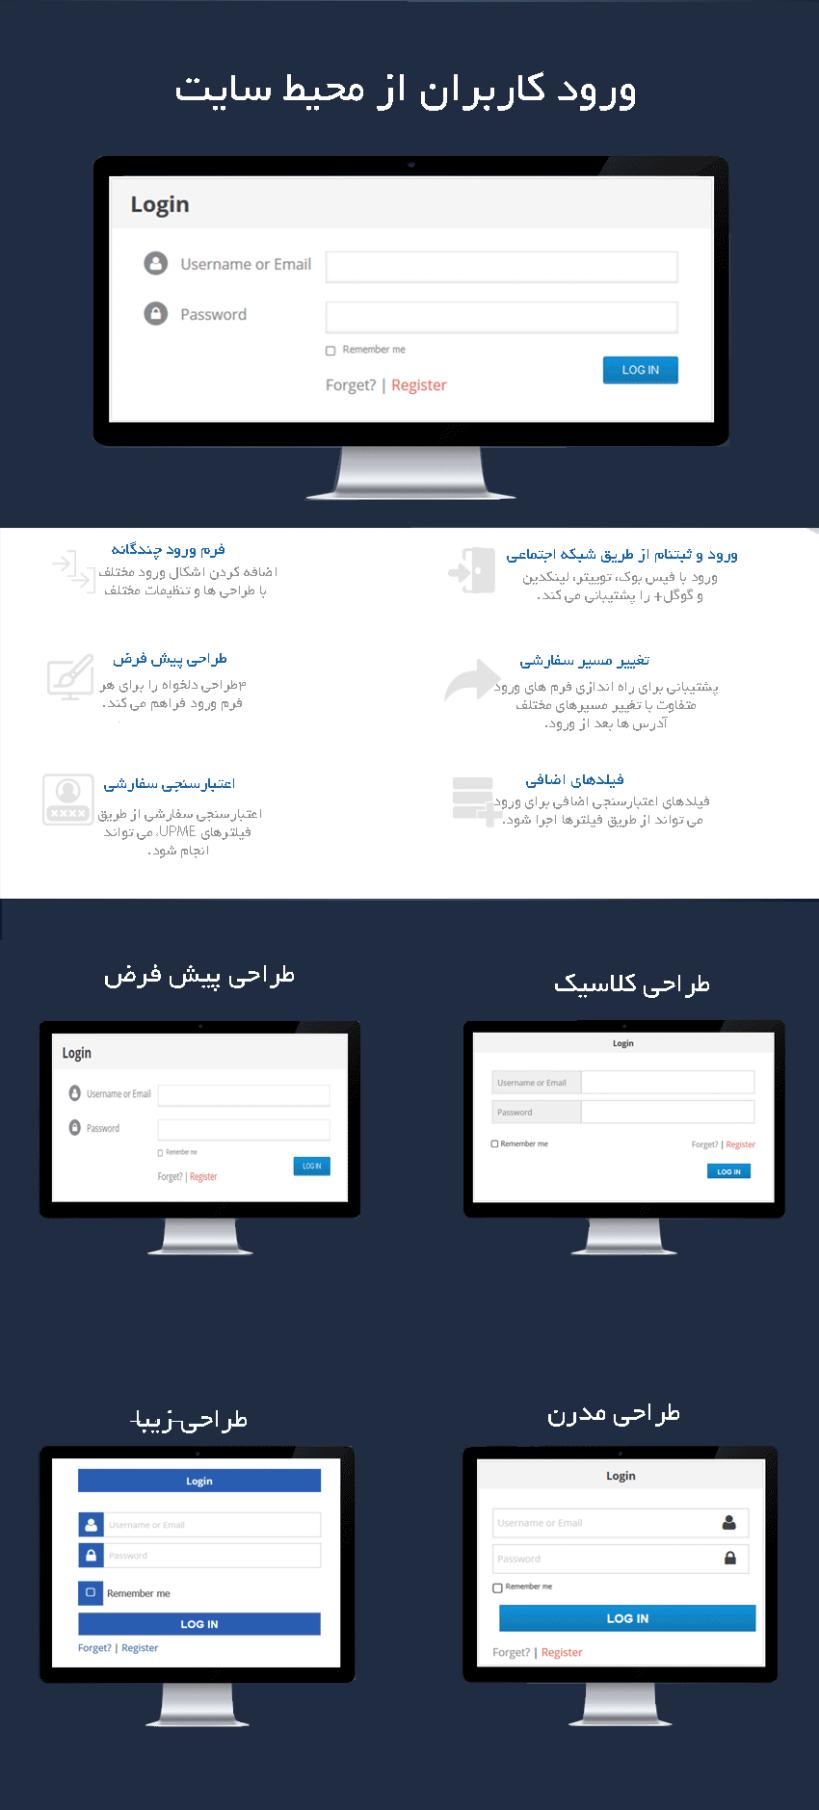 پنل مدیریت قویافزونه User Profiles Made Easy